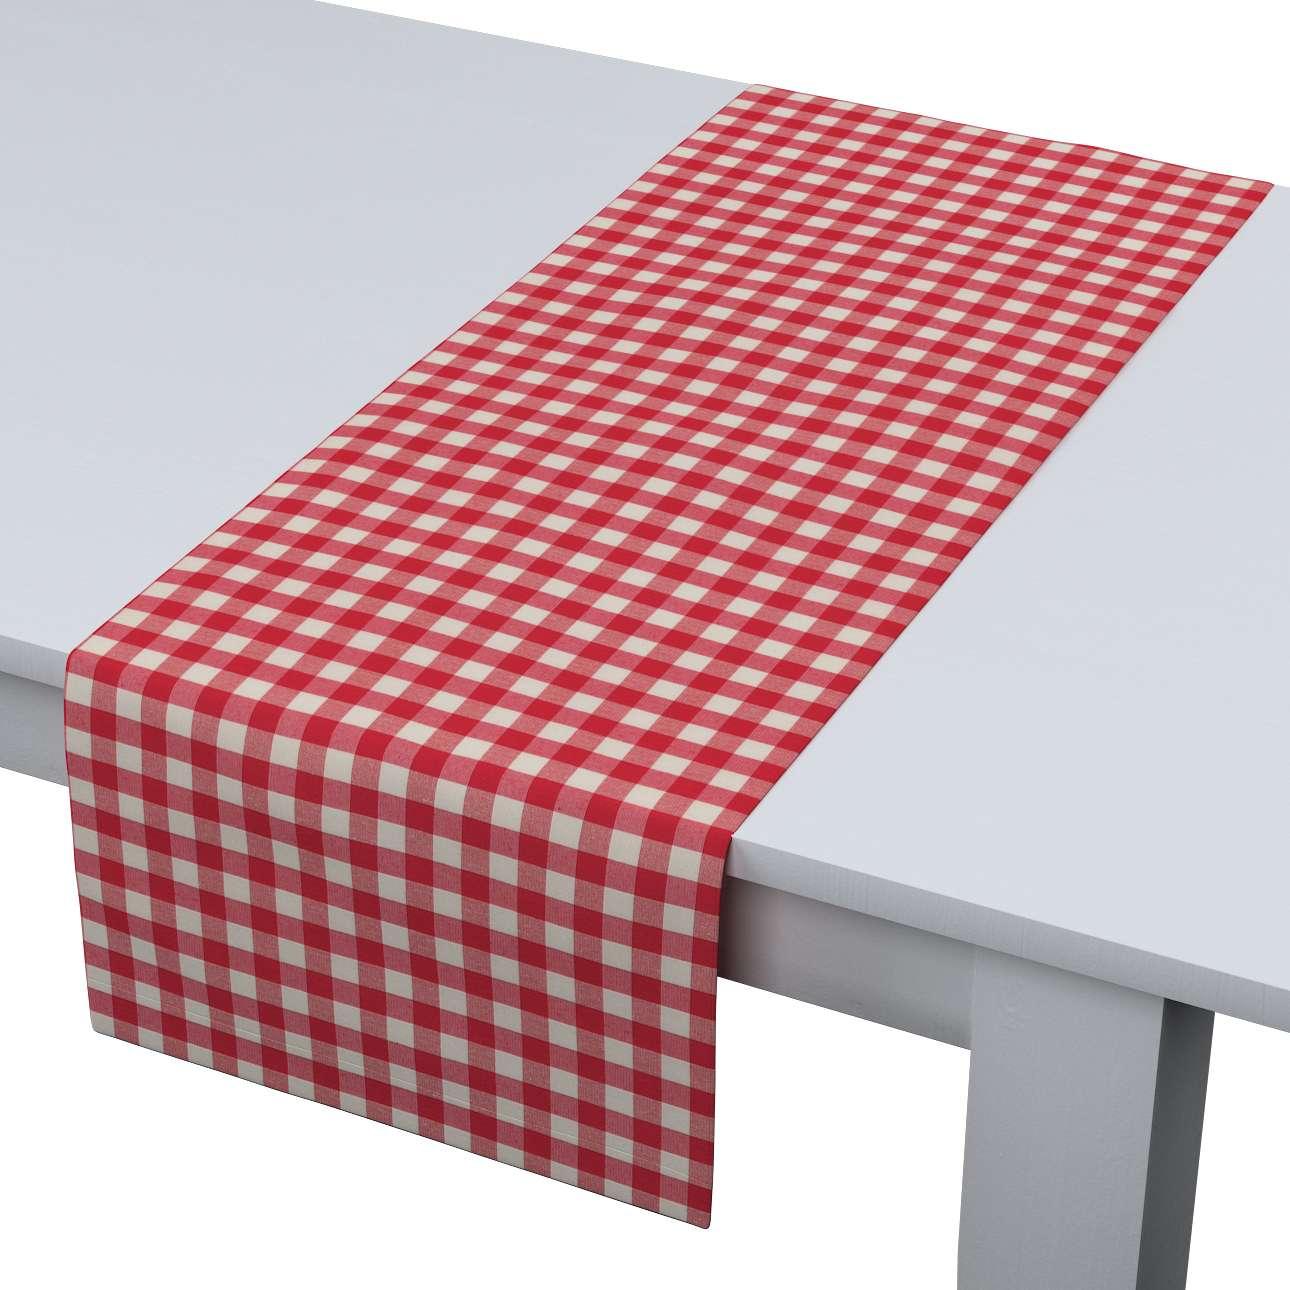 Bordløber - Dinner for 2 fra kollektionen Quadro II, Stof: 136-16